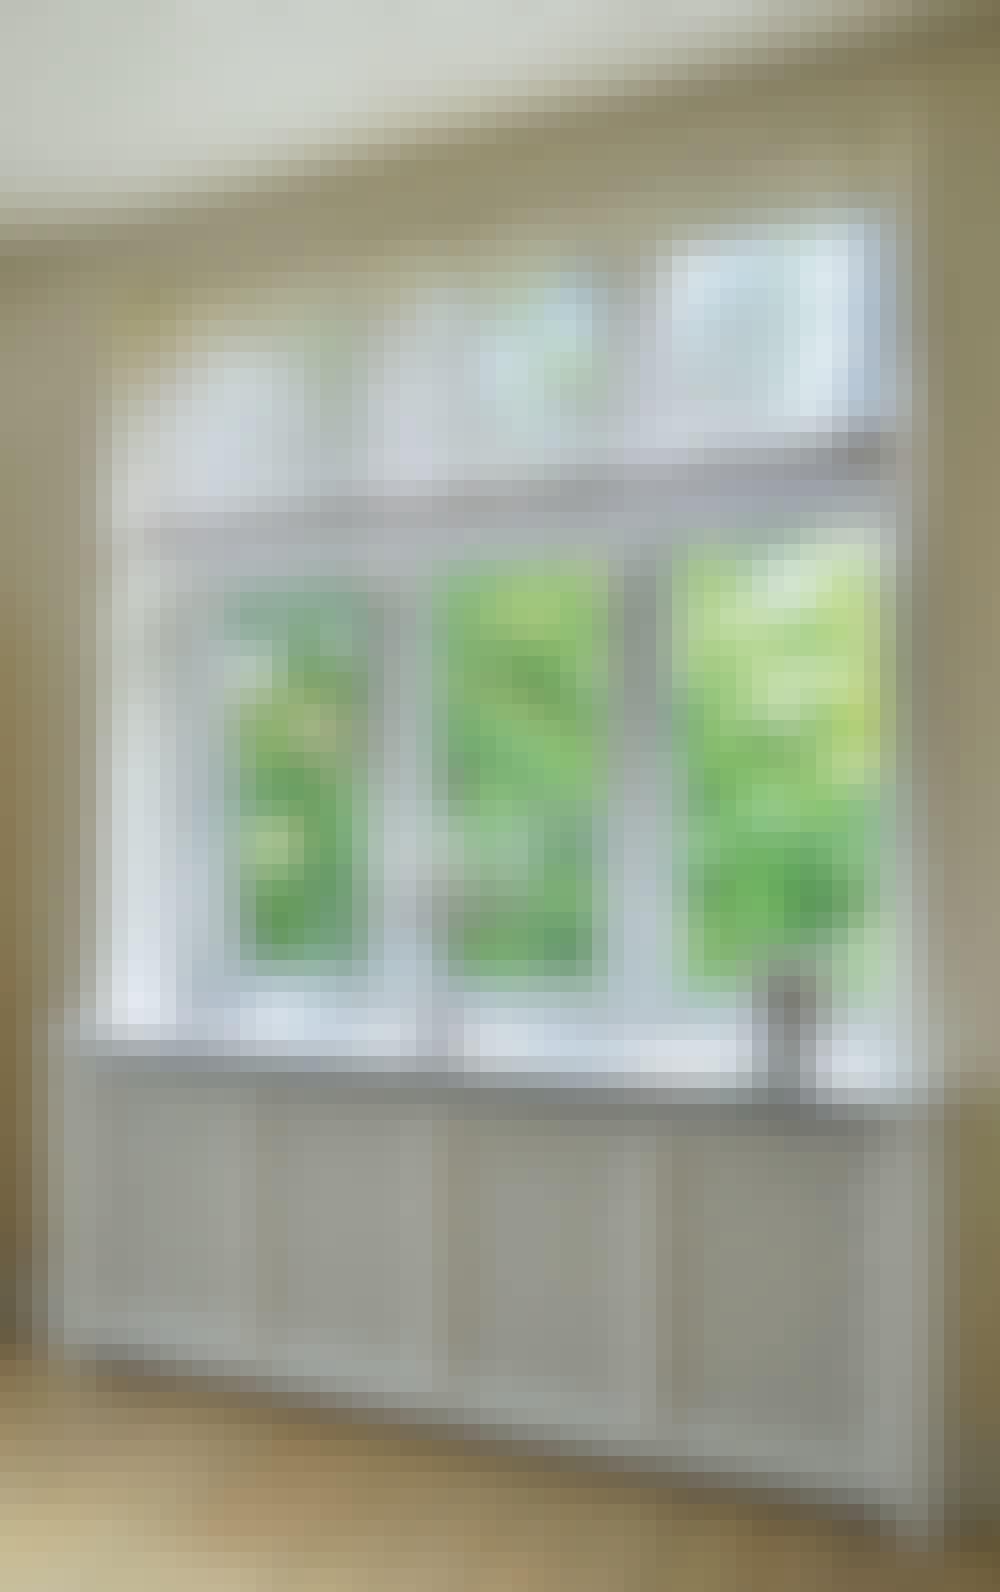 Elementskydd: Här har elementskyddet byggts ihop med en fönsterbänk.